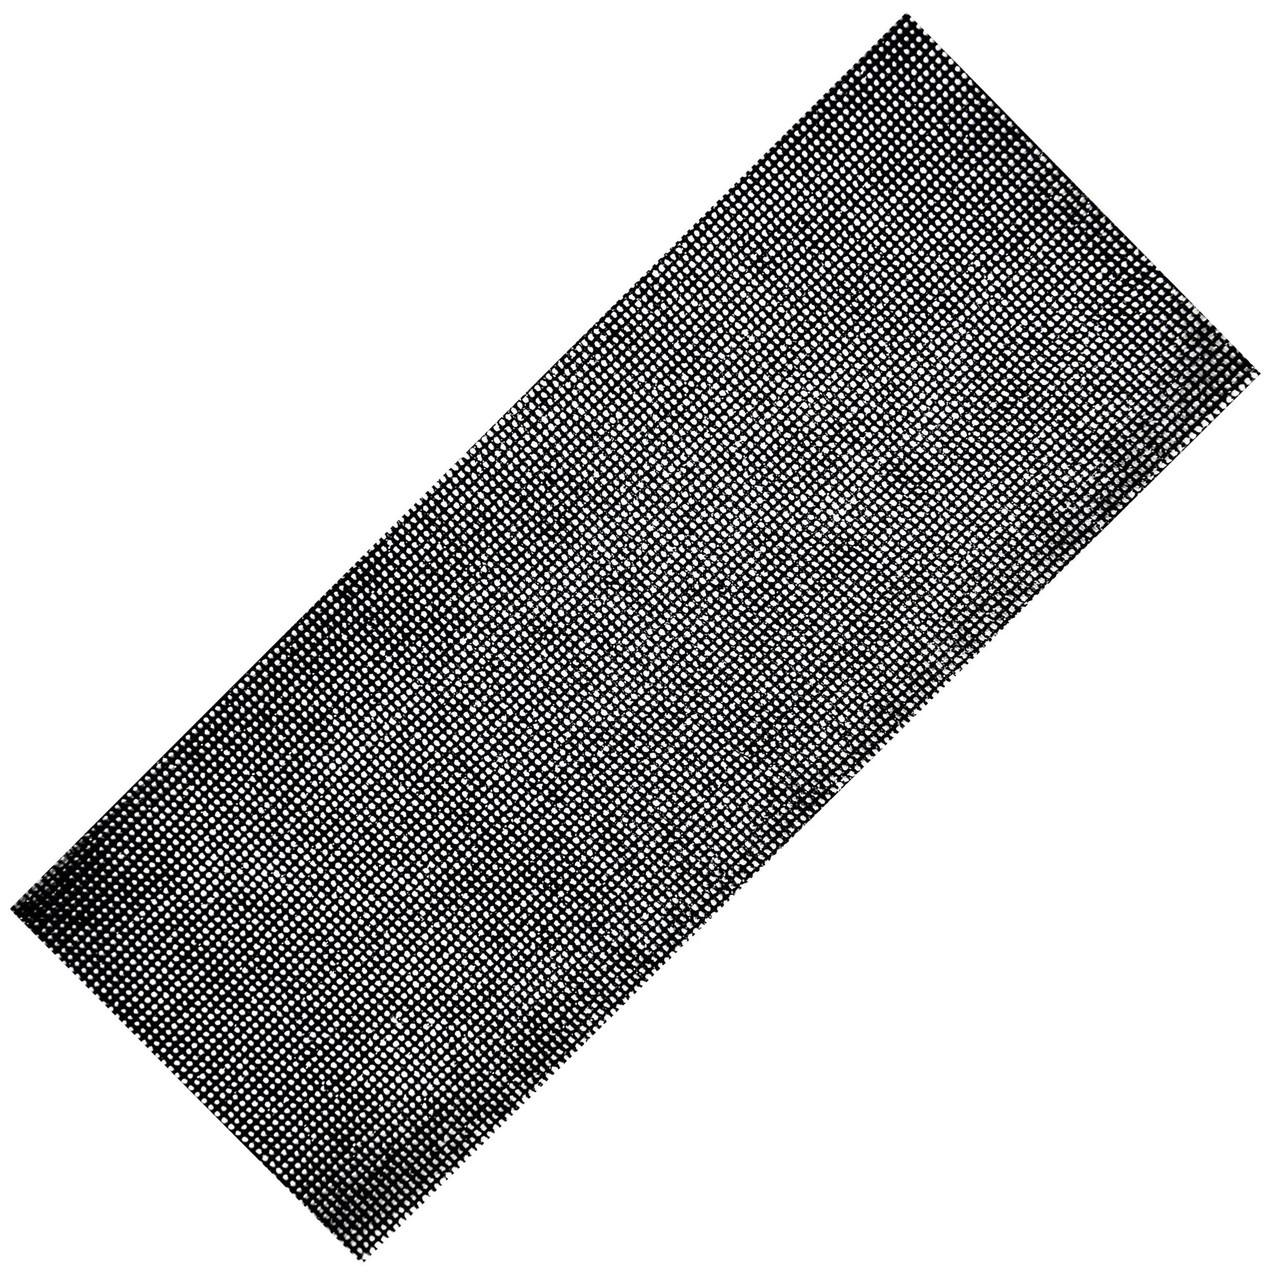 Сетка шлифовальная Spitce 105 х 280 мм Р180 5 листов (18-716)